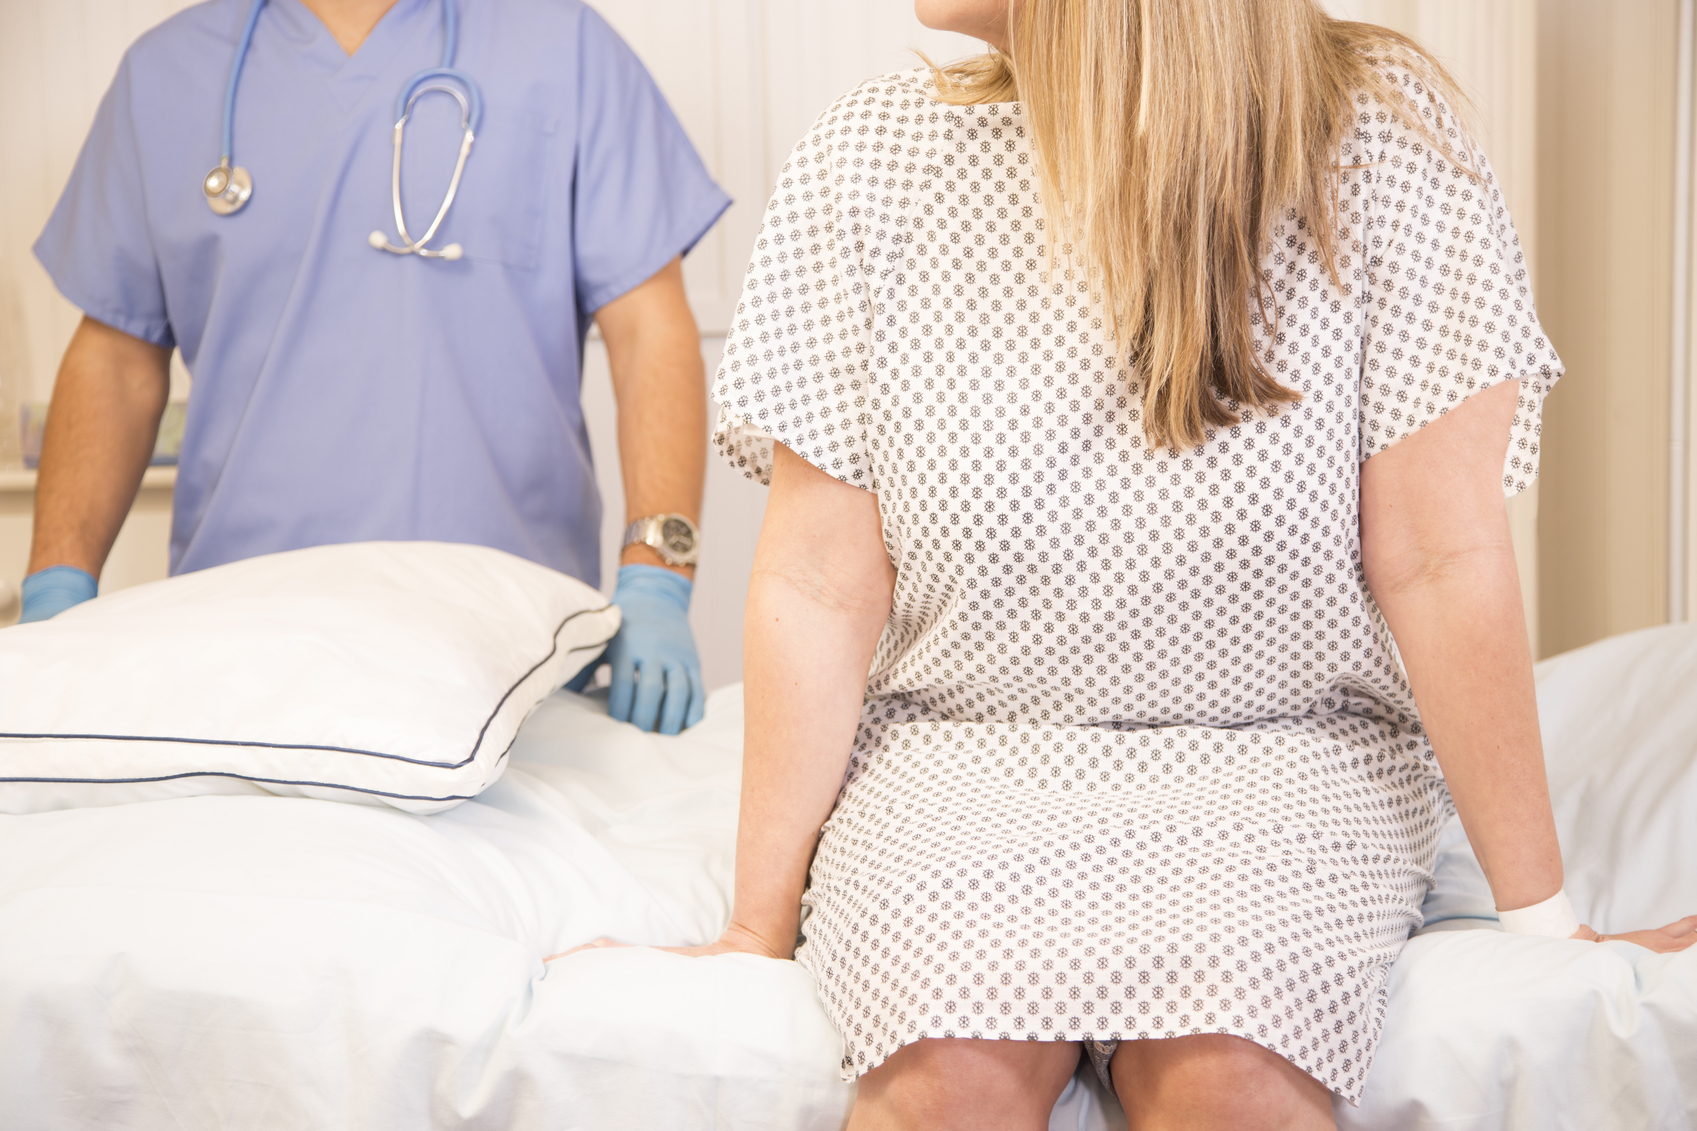 قومي بزيارة الطبيب النسائي إذا شعرت بالقلق حيال تأخر الدورة الشهرية